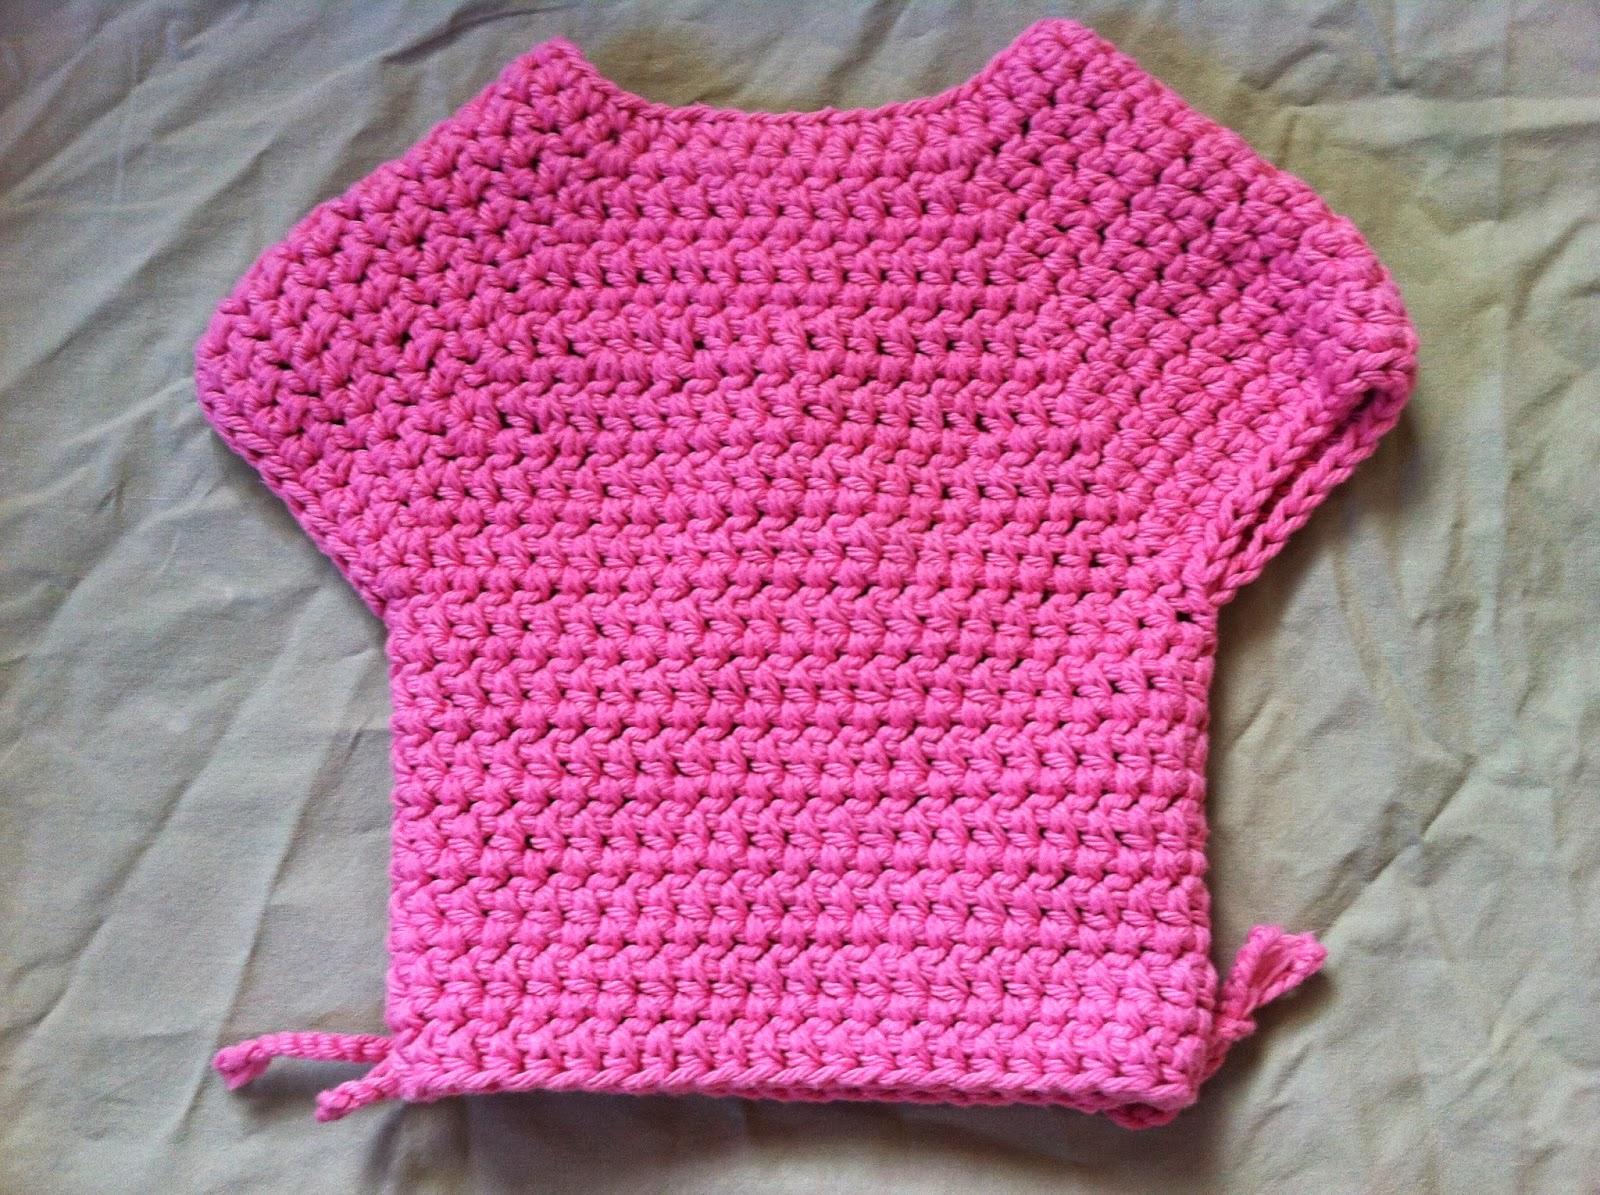 Crochet Baby Kimono Wrap Pattern : Not My Nanas Crochet!: Crochet Baby Kimono Wrap Cardigan ...